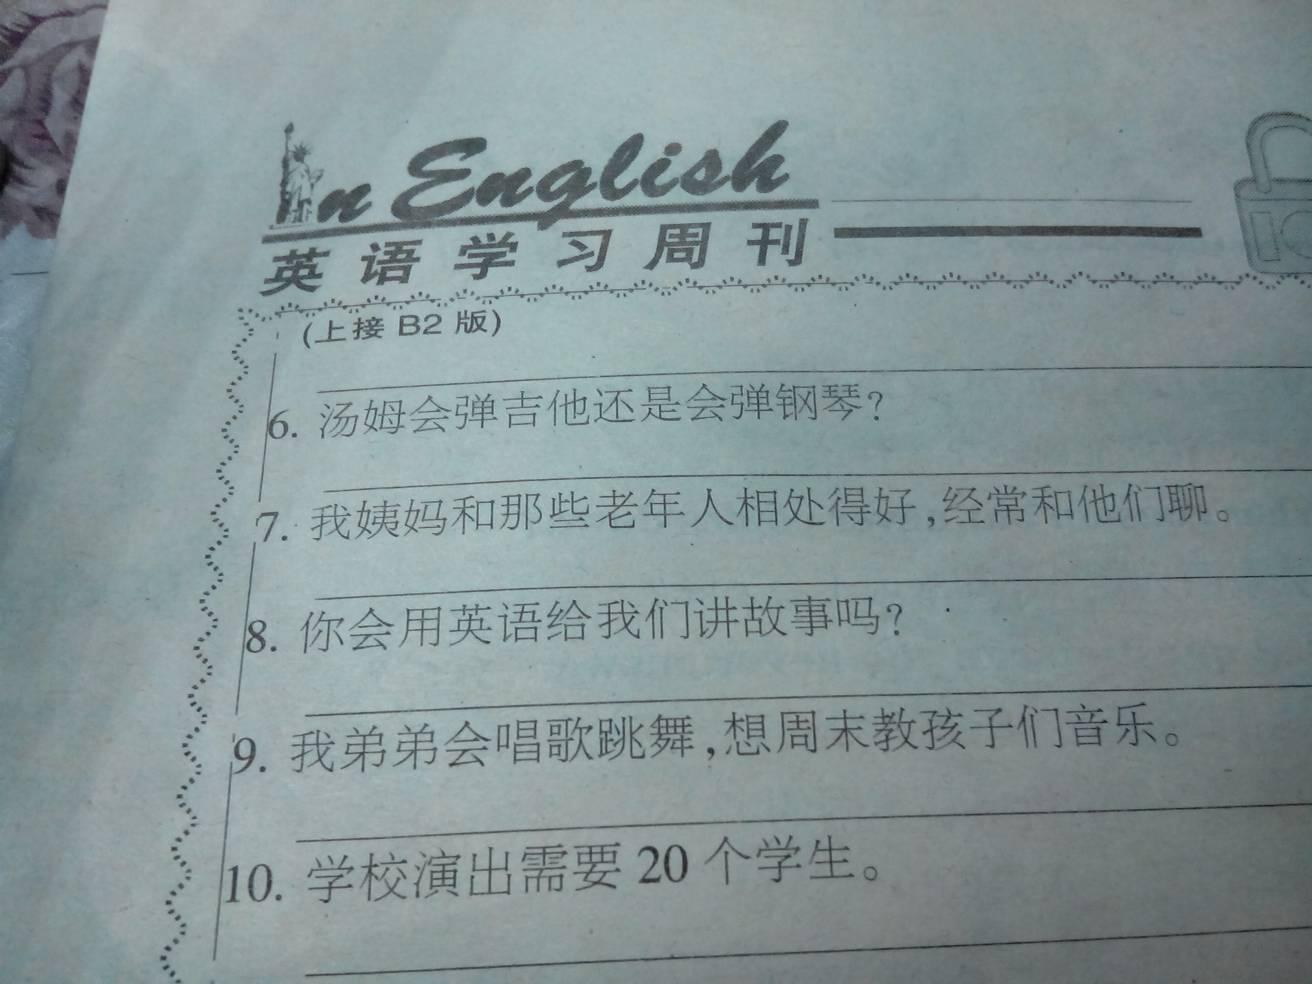 英语翻译在线